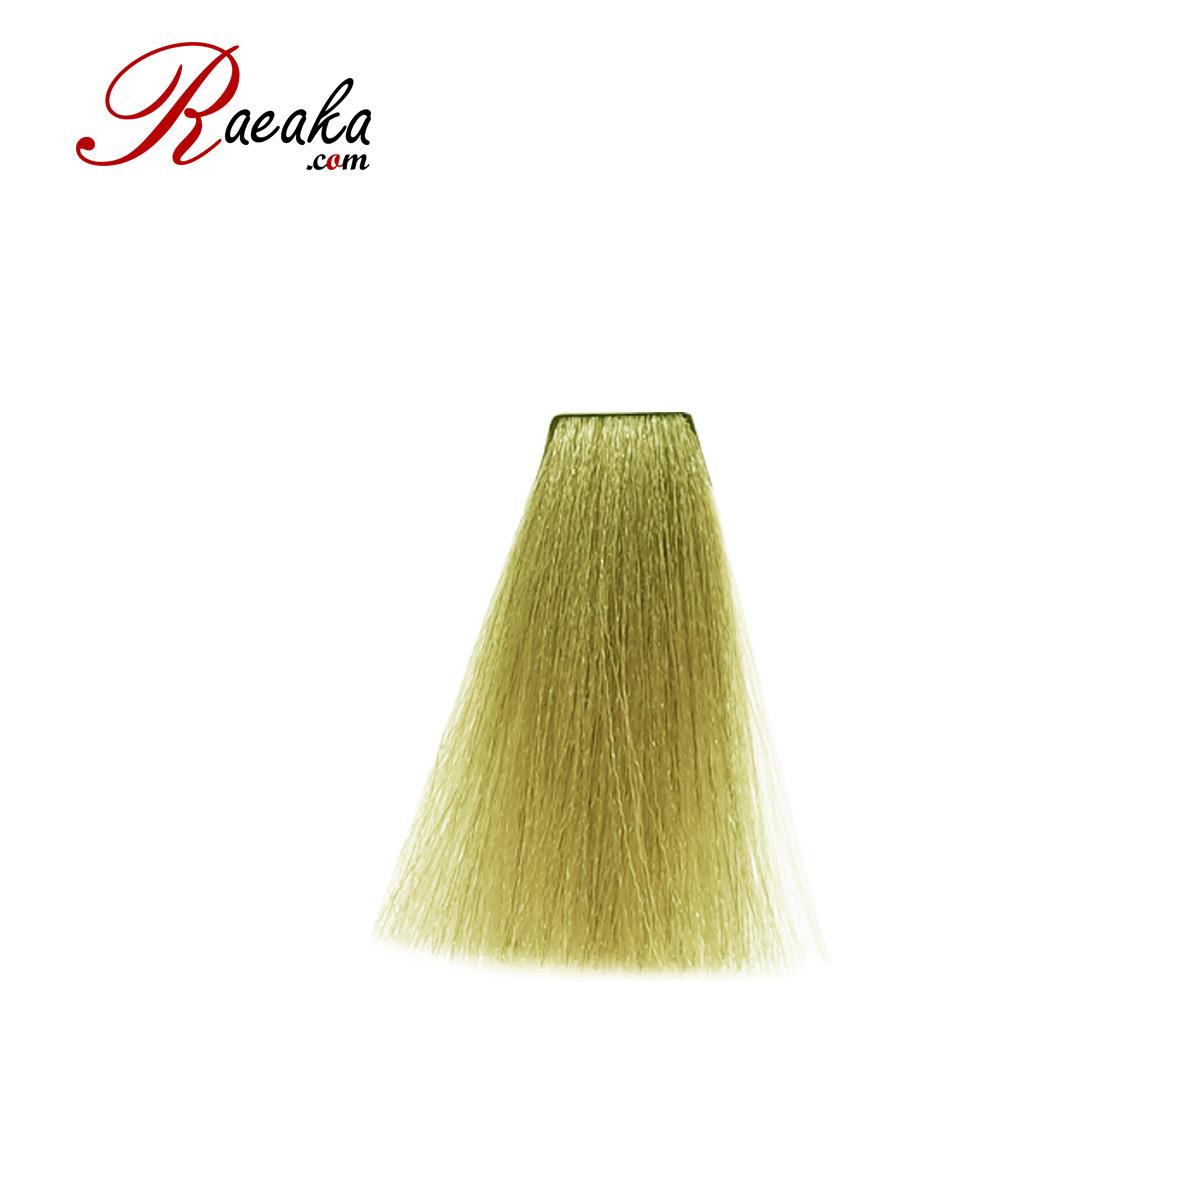 رنگ مو دوشس سری زیتونی شماره M9 10-7 حجم 125 میلی لیتر